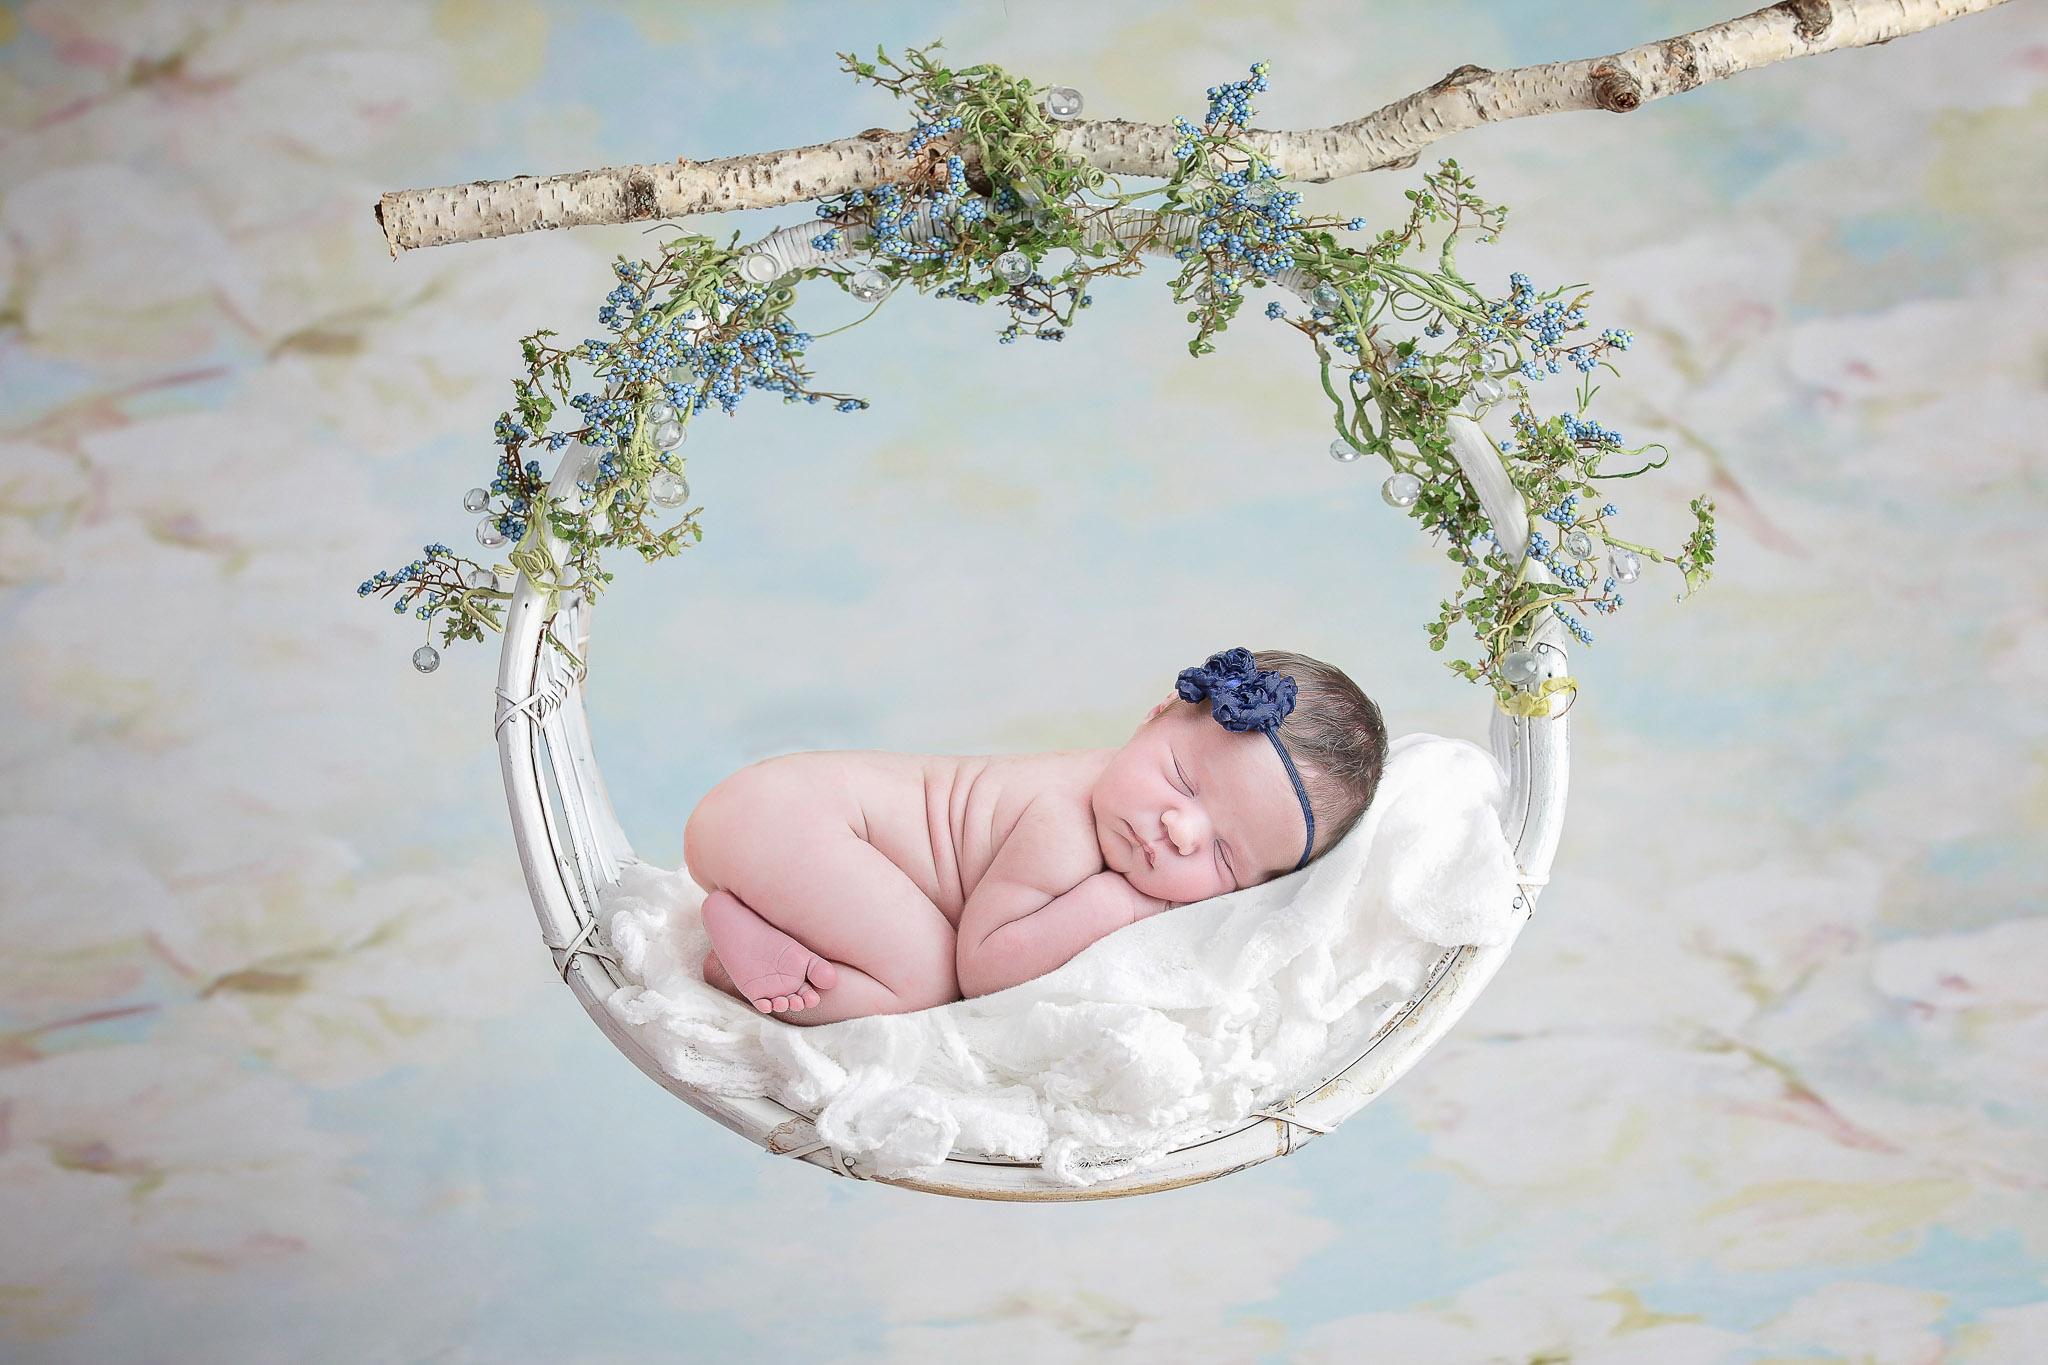 Modert Newborn - WEBSITE-2.jpg